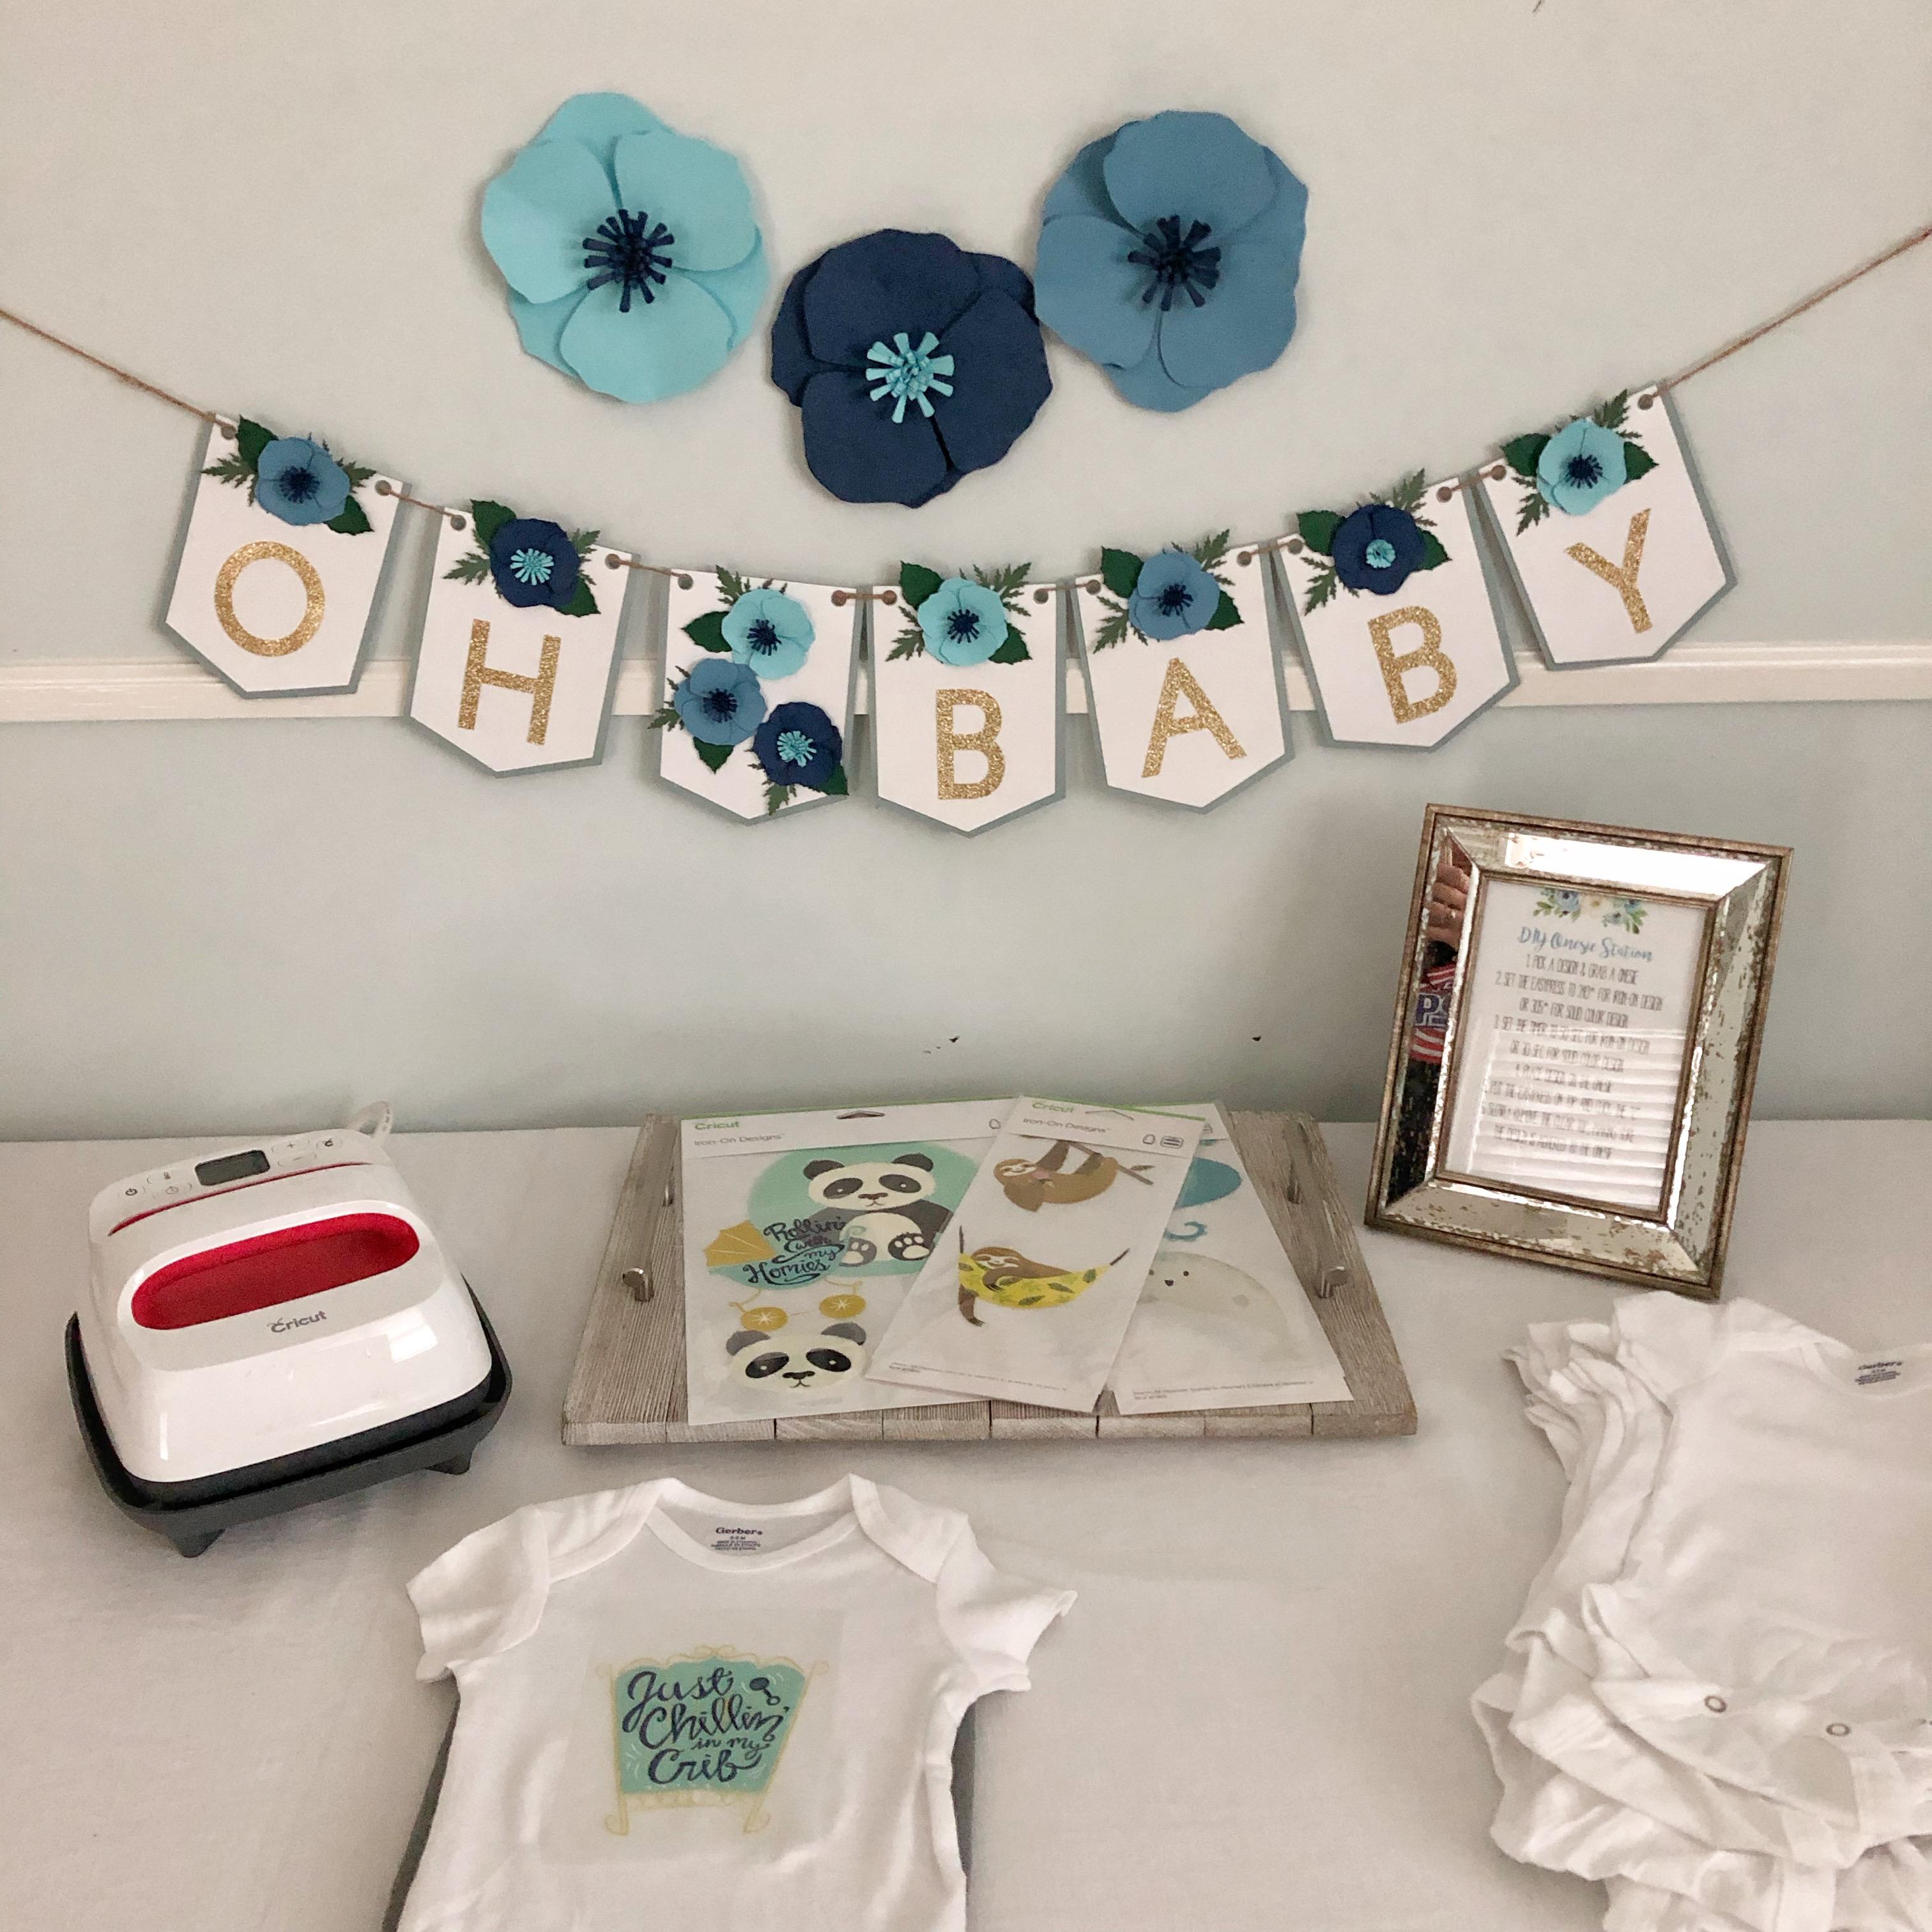 Baby Shower Activity DIY Iron-On Onesie Station